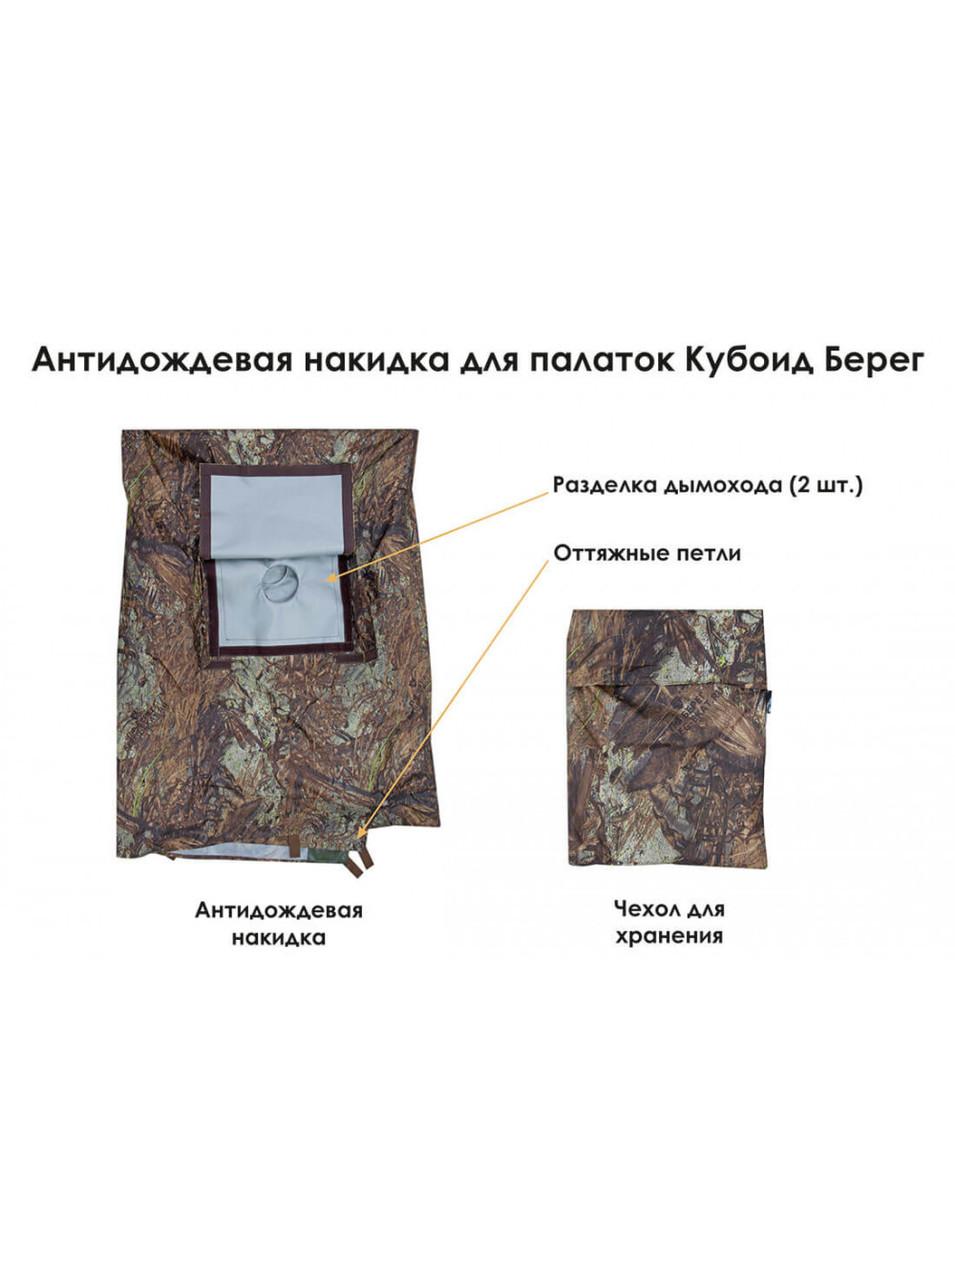 Палатка всесезонная Берег Кубоид 3.60 двухслойная, непромокаемый пол из ПВХ размер 3,6 x 1,8 x 1,9 м - фото 2